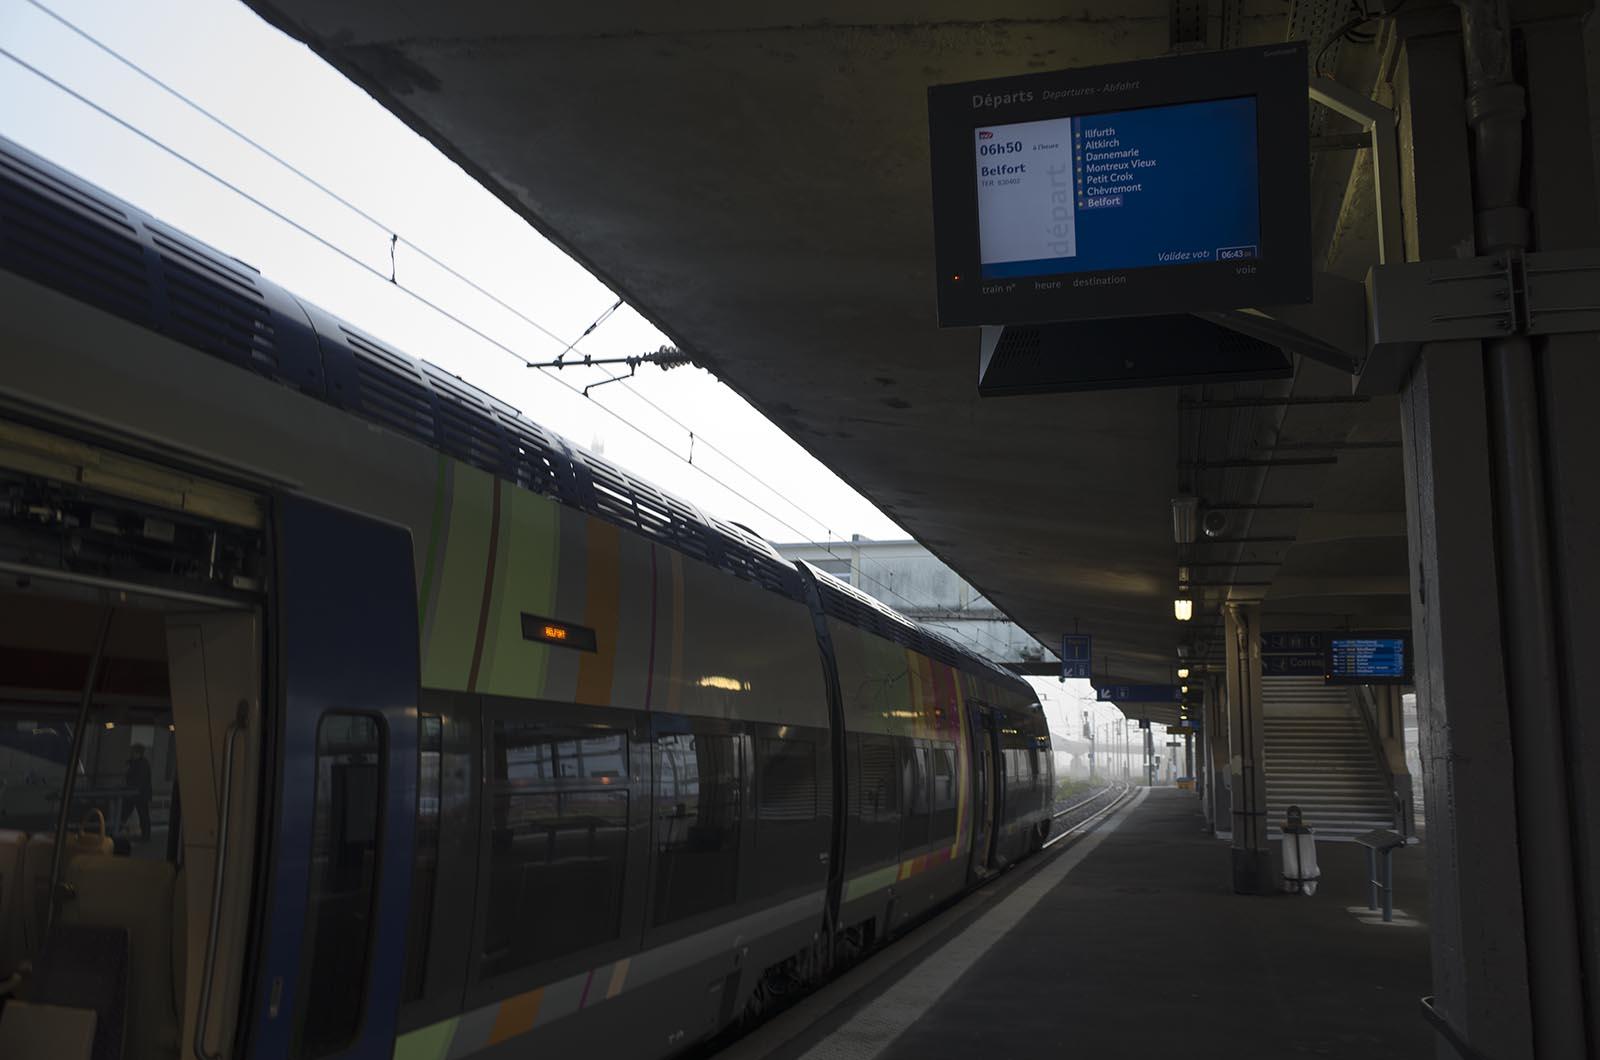 ヨーロッパ鉄道建築の旅'16:5日目 バーゼルからロンシャンの礼拝堂へ電車だけで行く